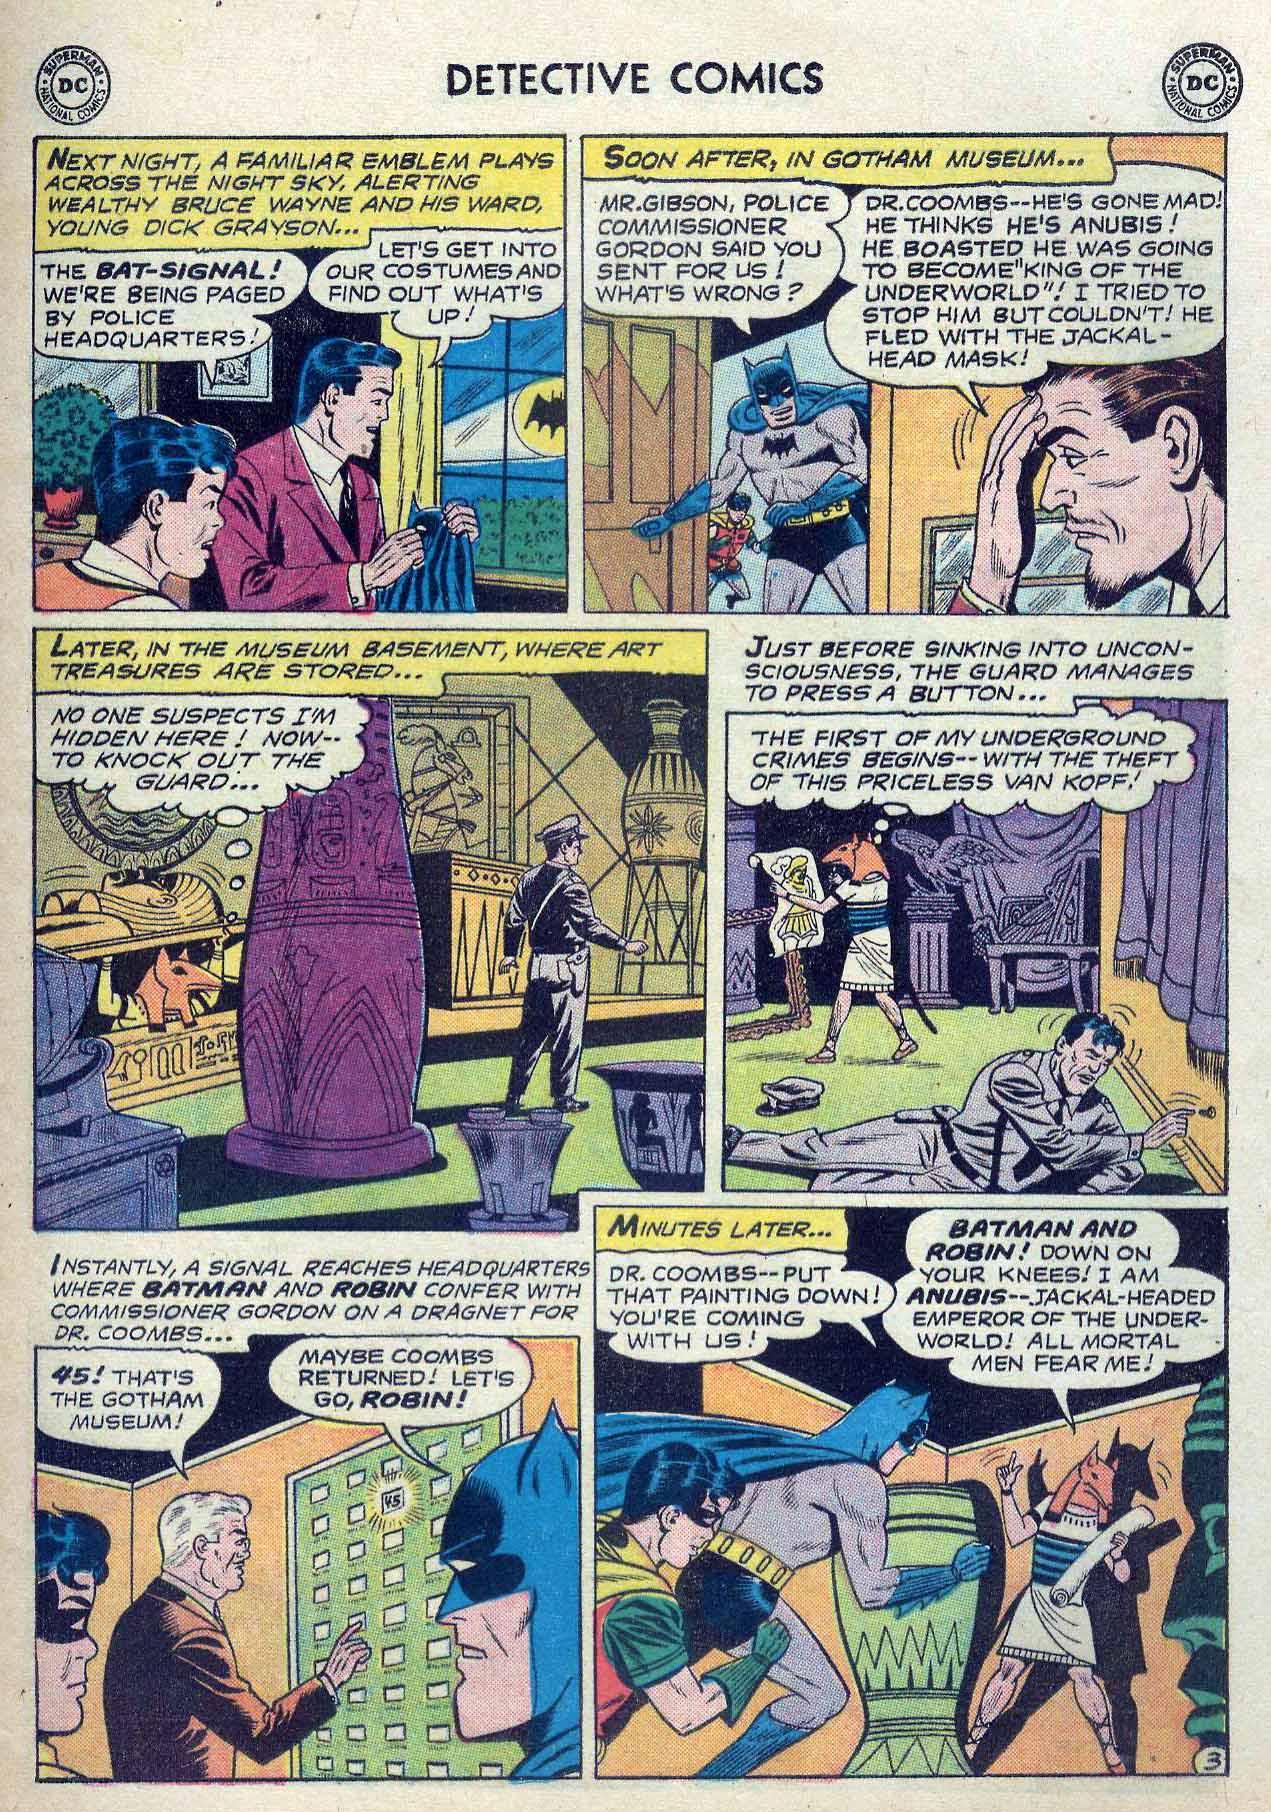 Detective ics 1937 Issue 262